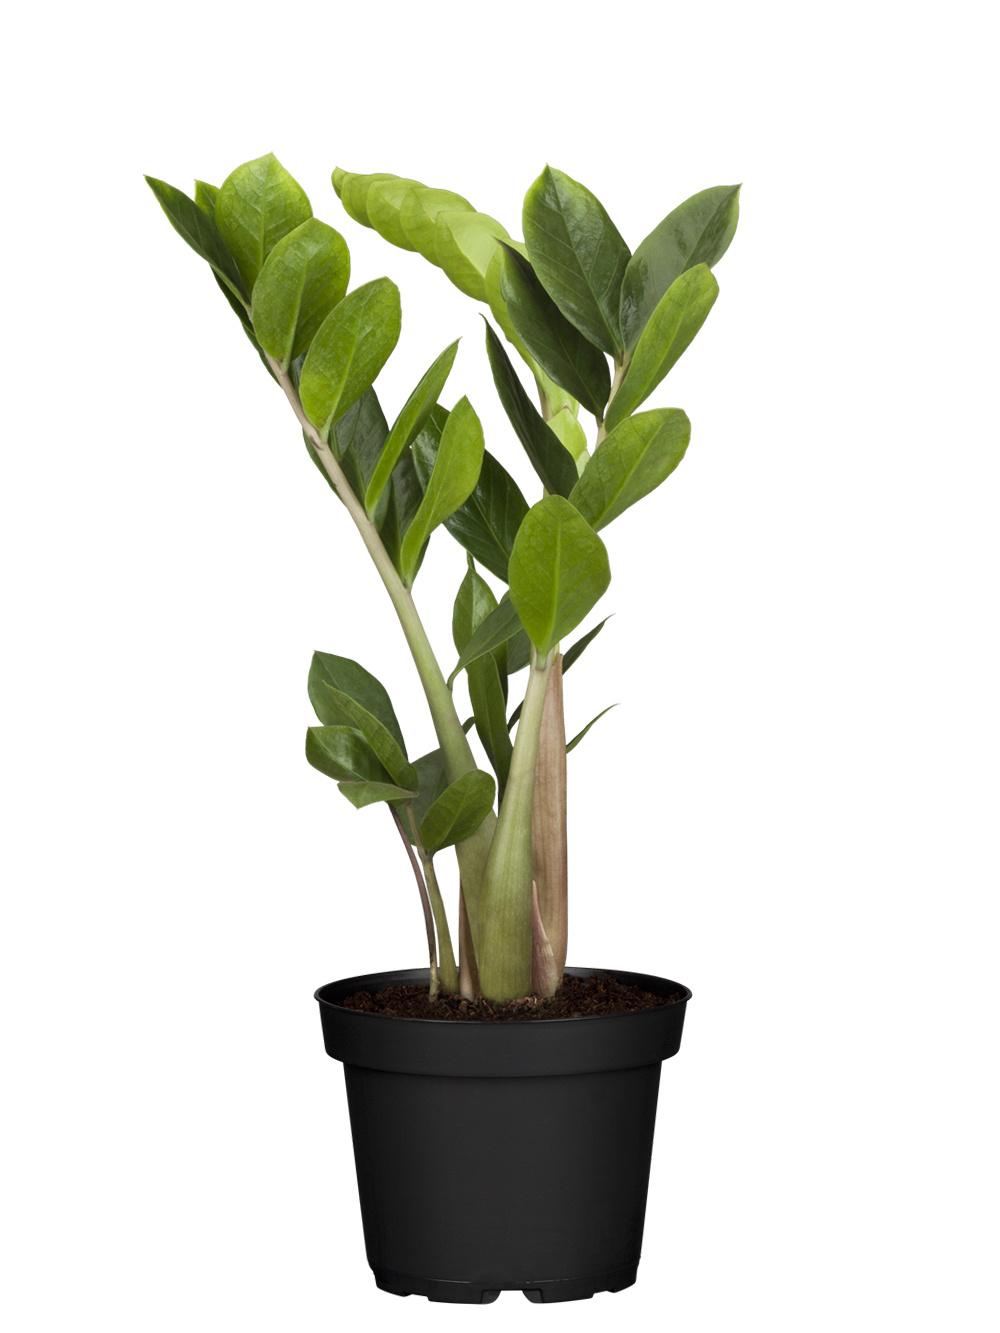 Zimmerpflanze-H 35-45cm Ø 12cm Topf Glücksfeder Zamioculcas zamiifolia